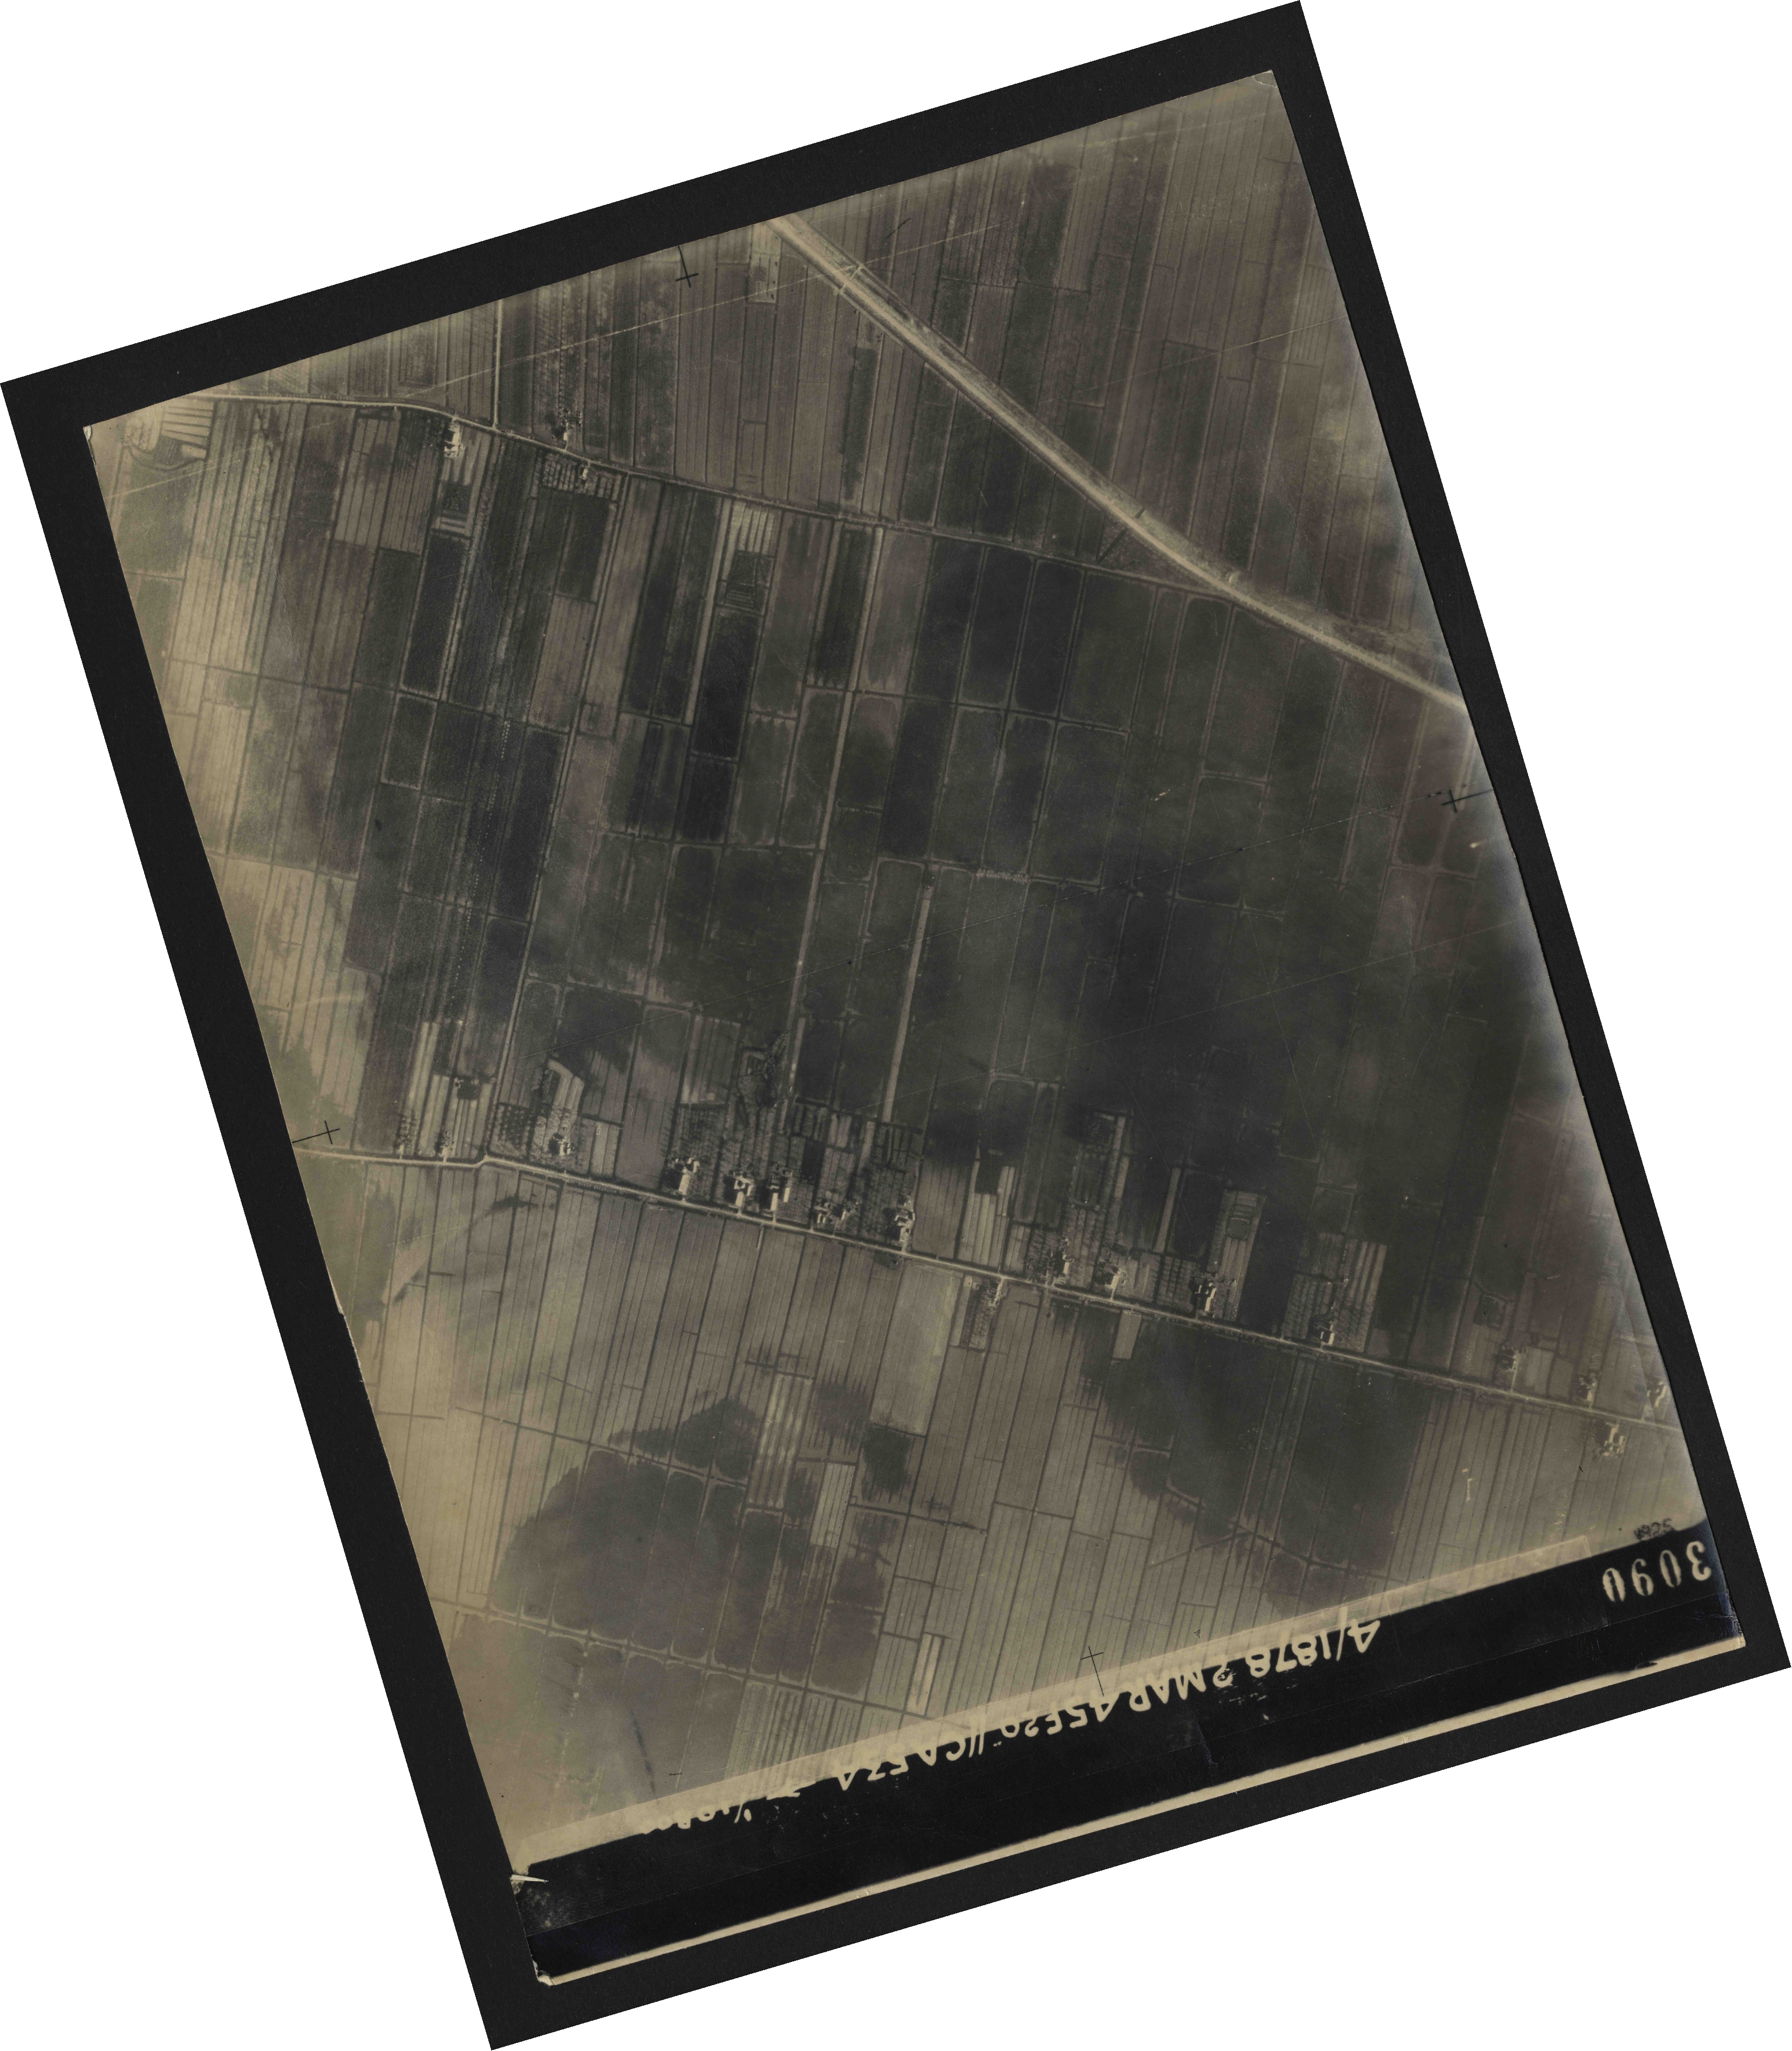 Collection RAF aerial photos 1940-1945 - flight 102, run 10, photo 3090